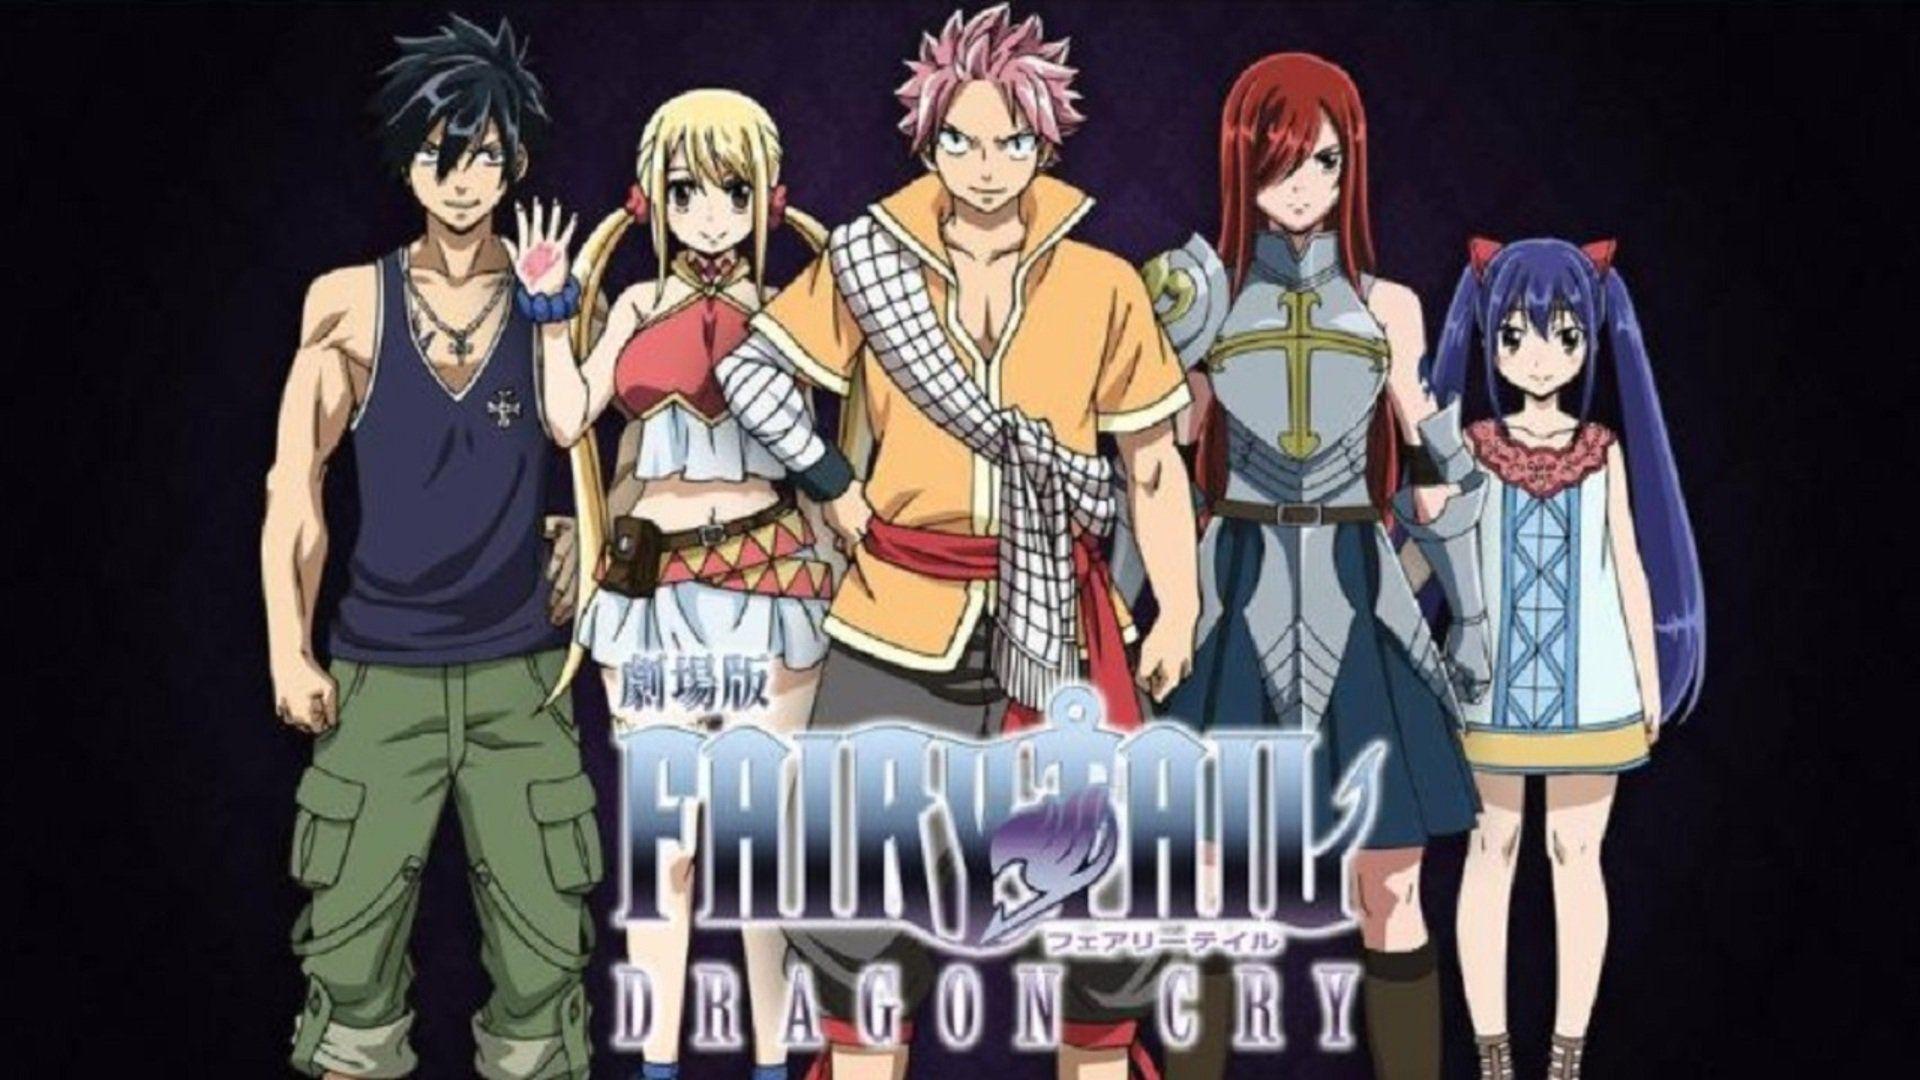 Watch Fairy Tail Movie 2 Dragon Cry Movie Amp Tv Shows Putlocker Fairy Tail Movie Watch Fairy Tail Fairy Tail Movie 2